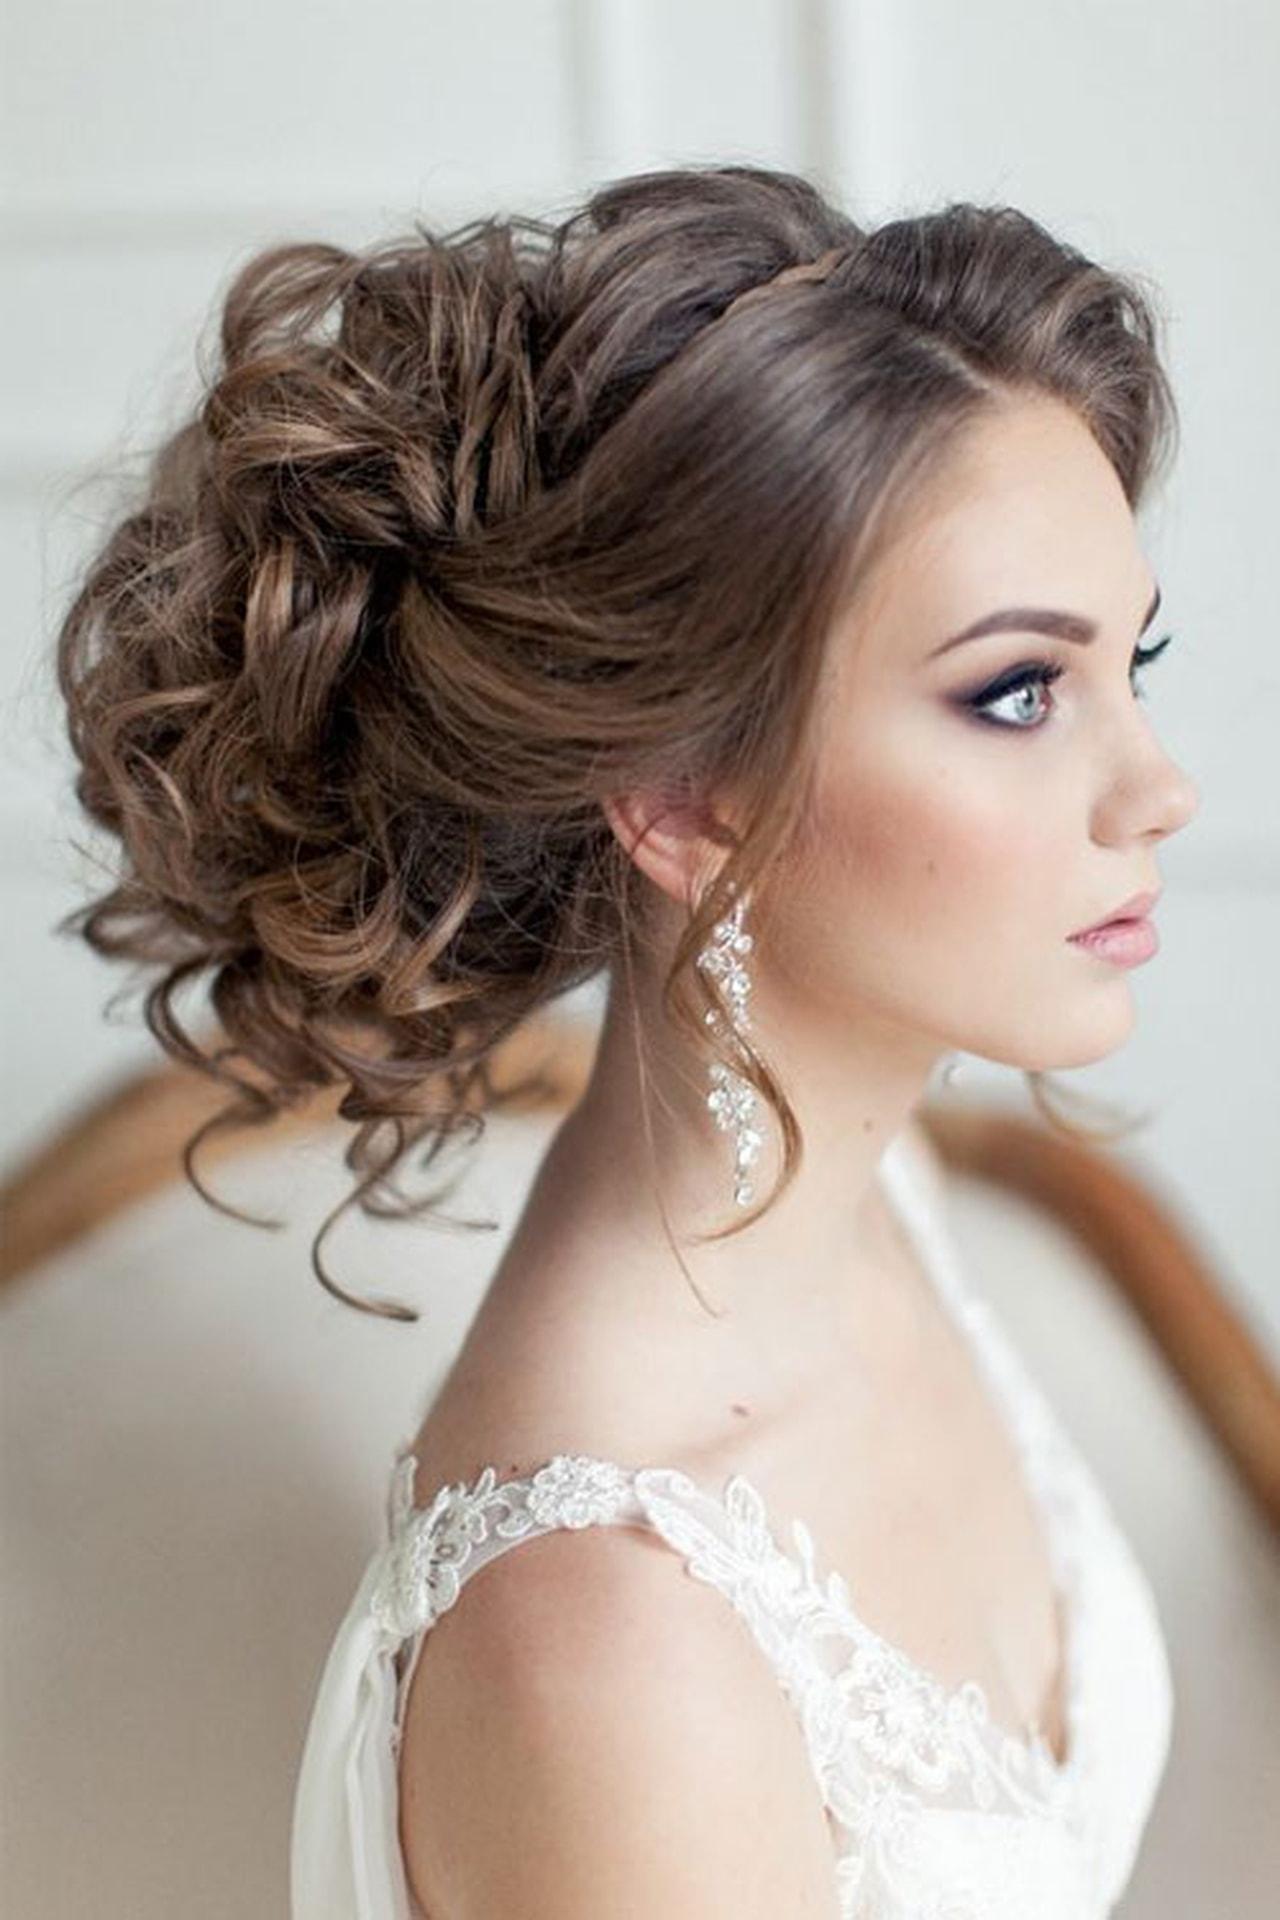 صورة تسريحه عروس , اجمل تسريحة للعروس